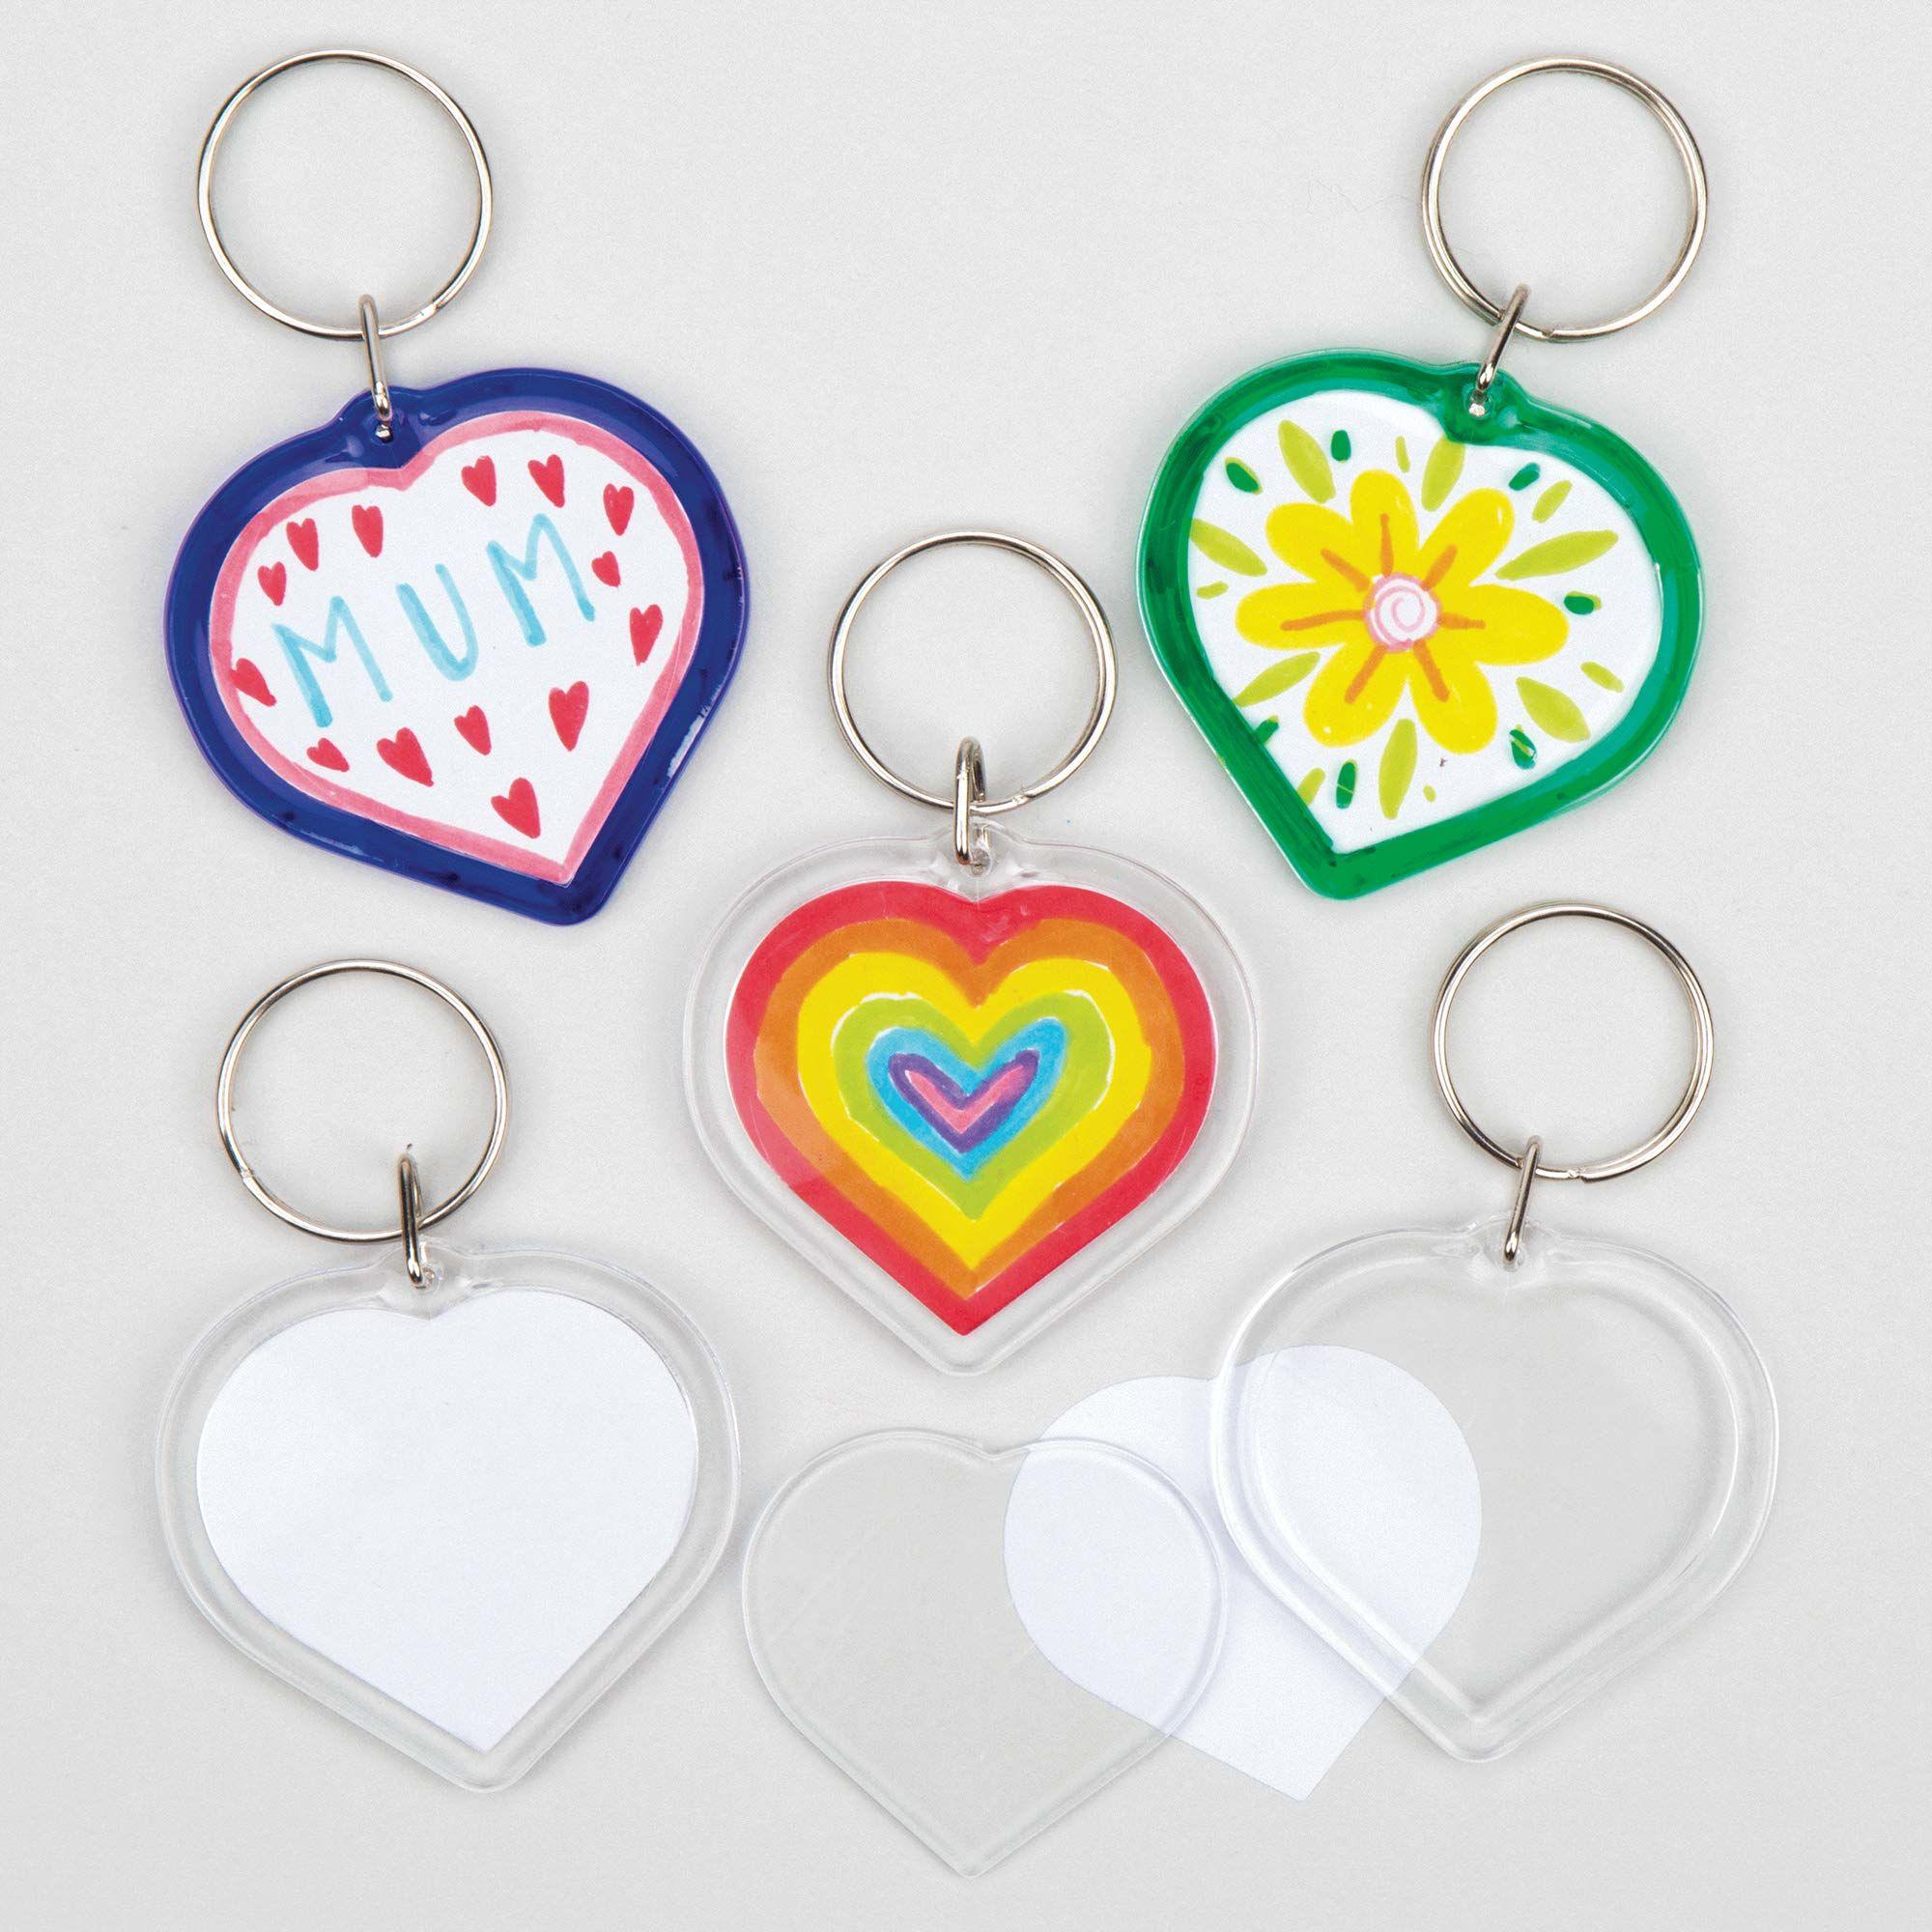 """Baker Ross breloczek do kluczy """"Serce"""" dla dzieci do zaprojektowania, wspaniały prezent na Dzień Matki i Walentynki  (6 sztuk)"""